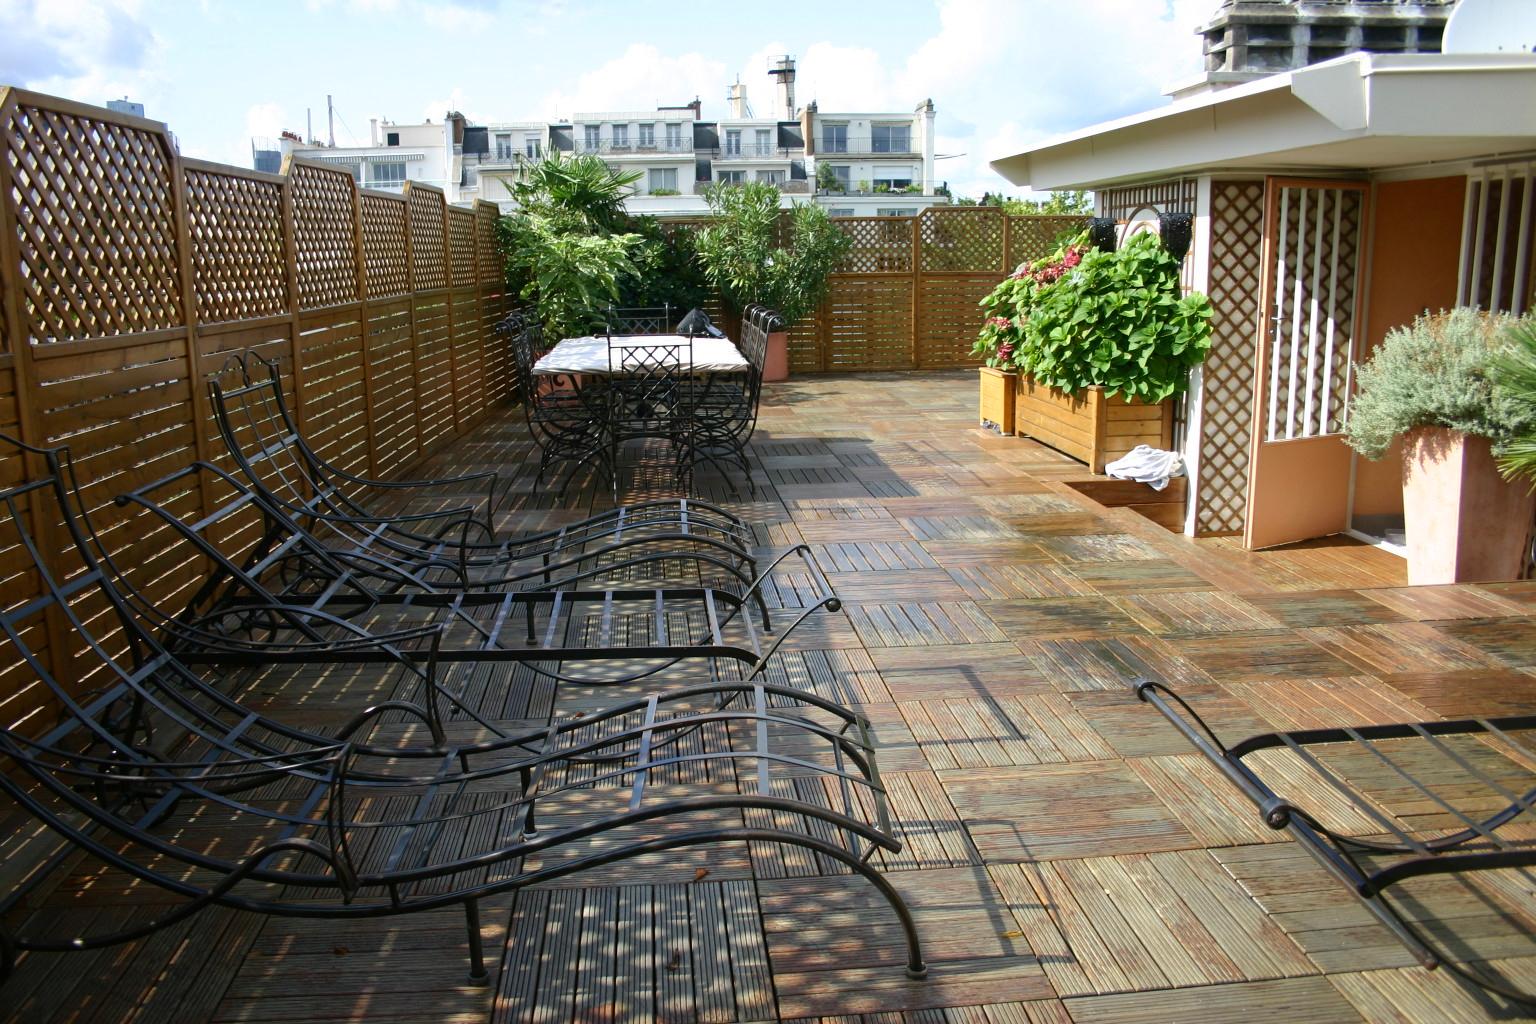 Des Pros Pour Aménager Votre Terrasse destiné Amenagement De Terrasse